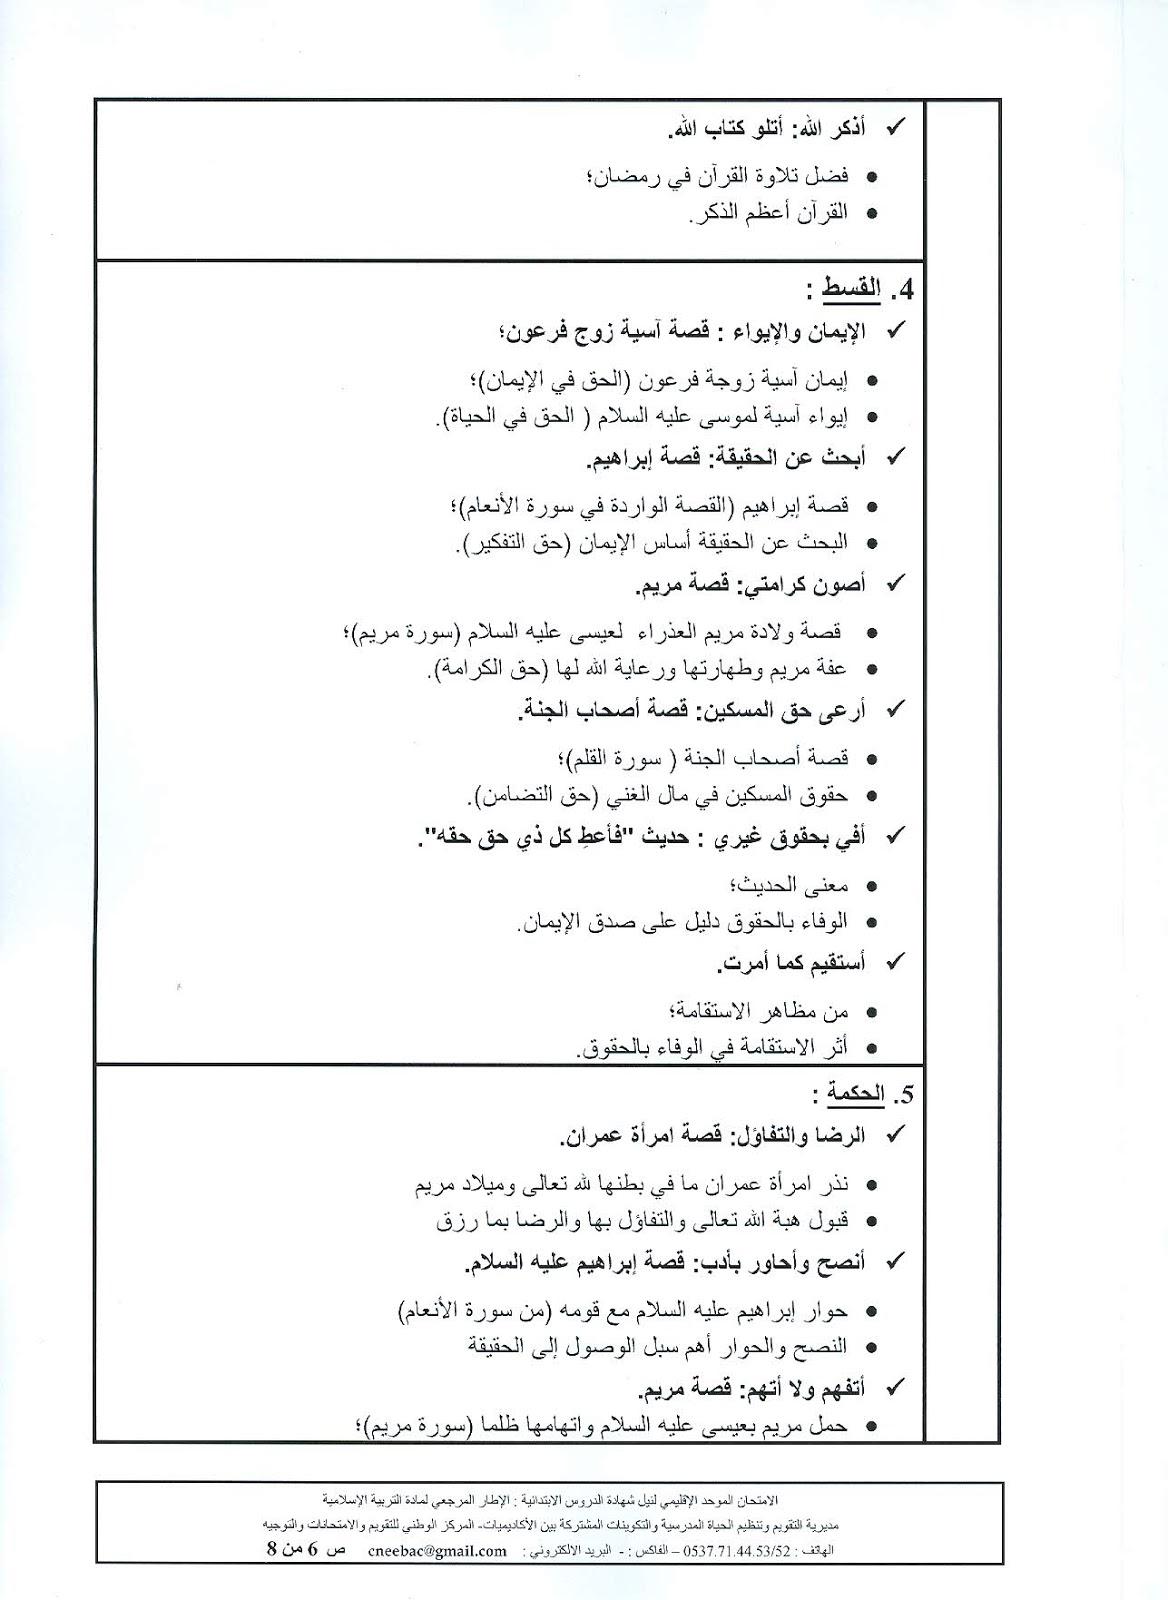 التربية الإسلامية بالسلك الابتدائي